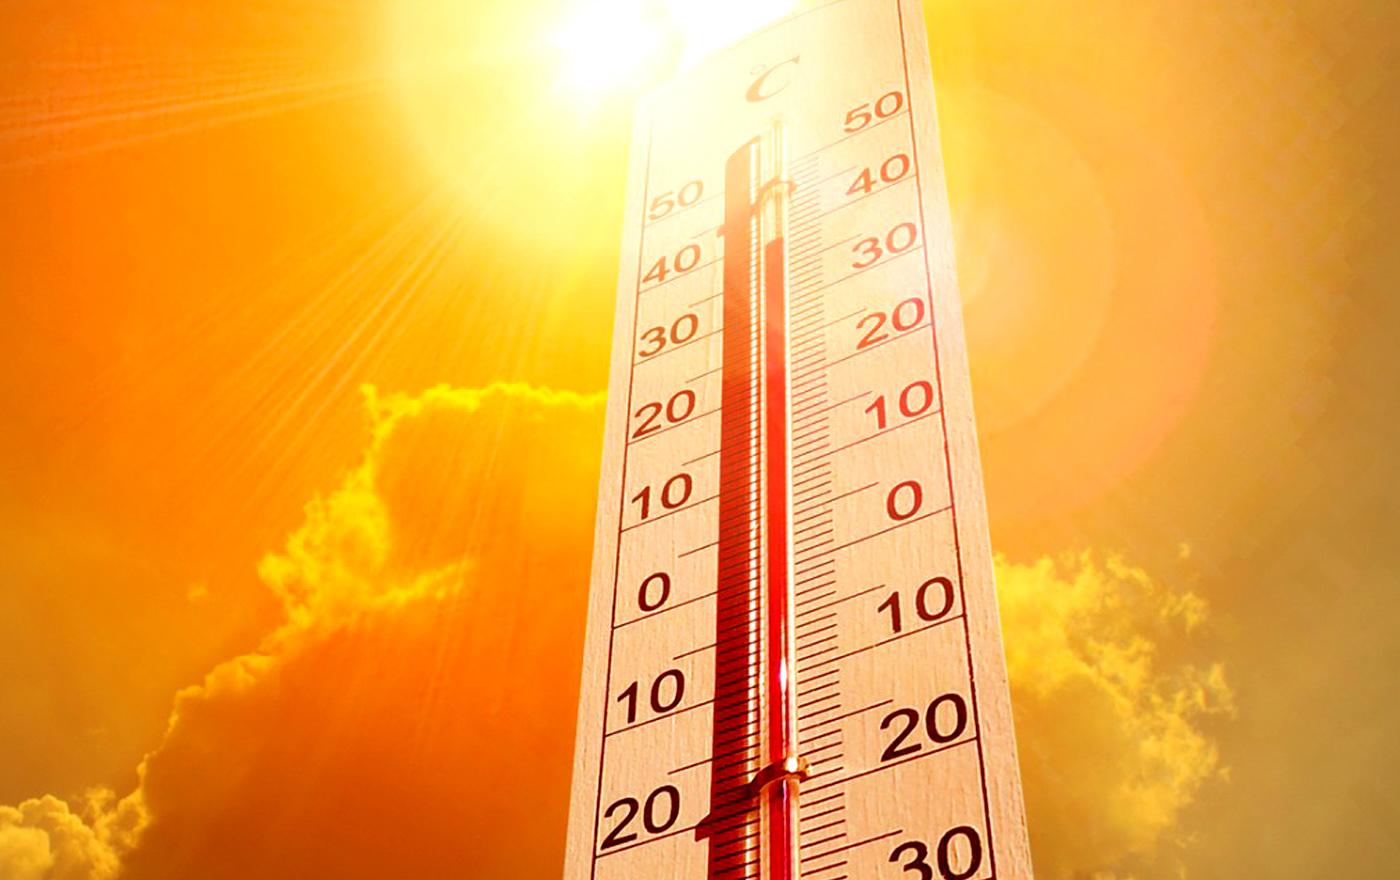 تأثیرات عجیب و باورنکردنی گرمای شدید بر زندگی بشر